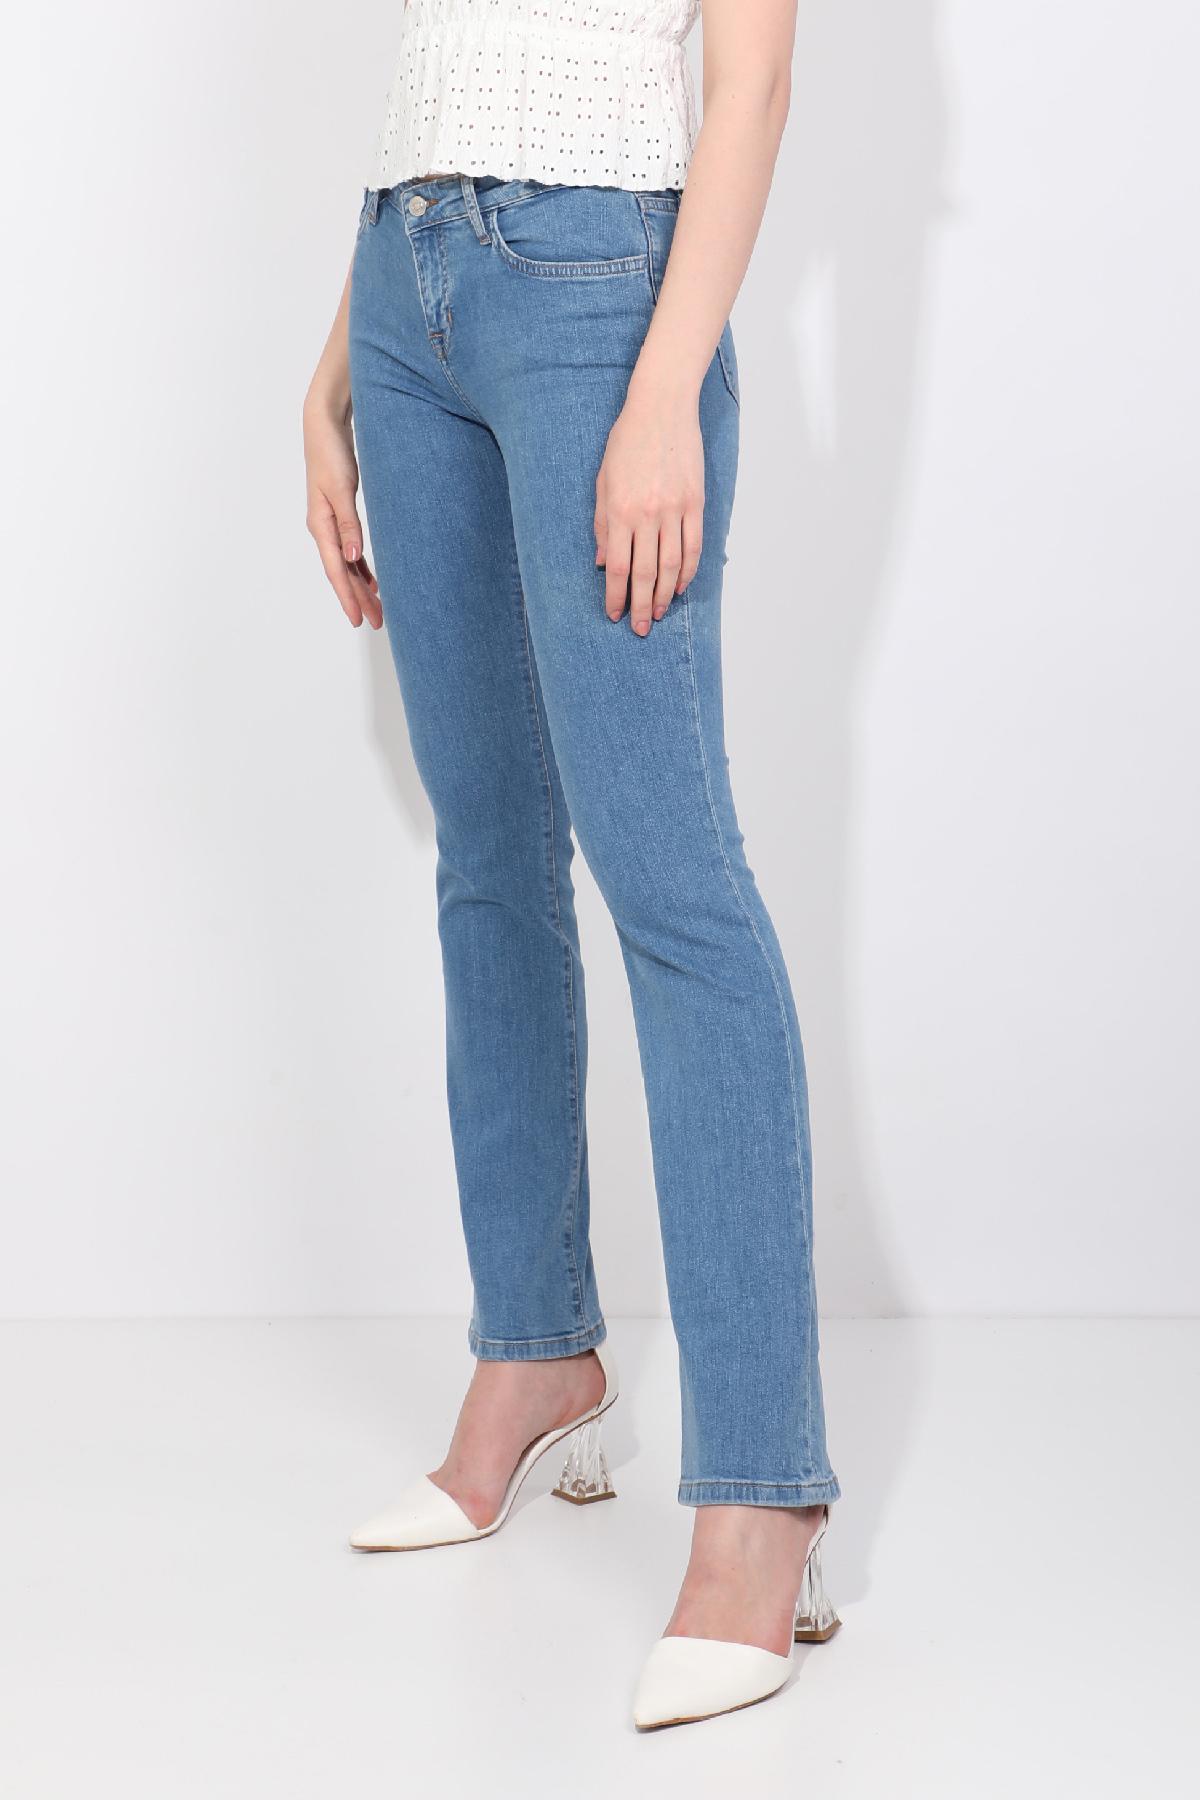 Kadın Açık Mavi Düz Paça Jean Pantolon